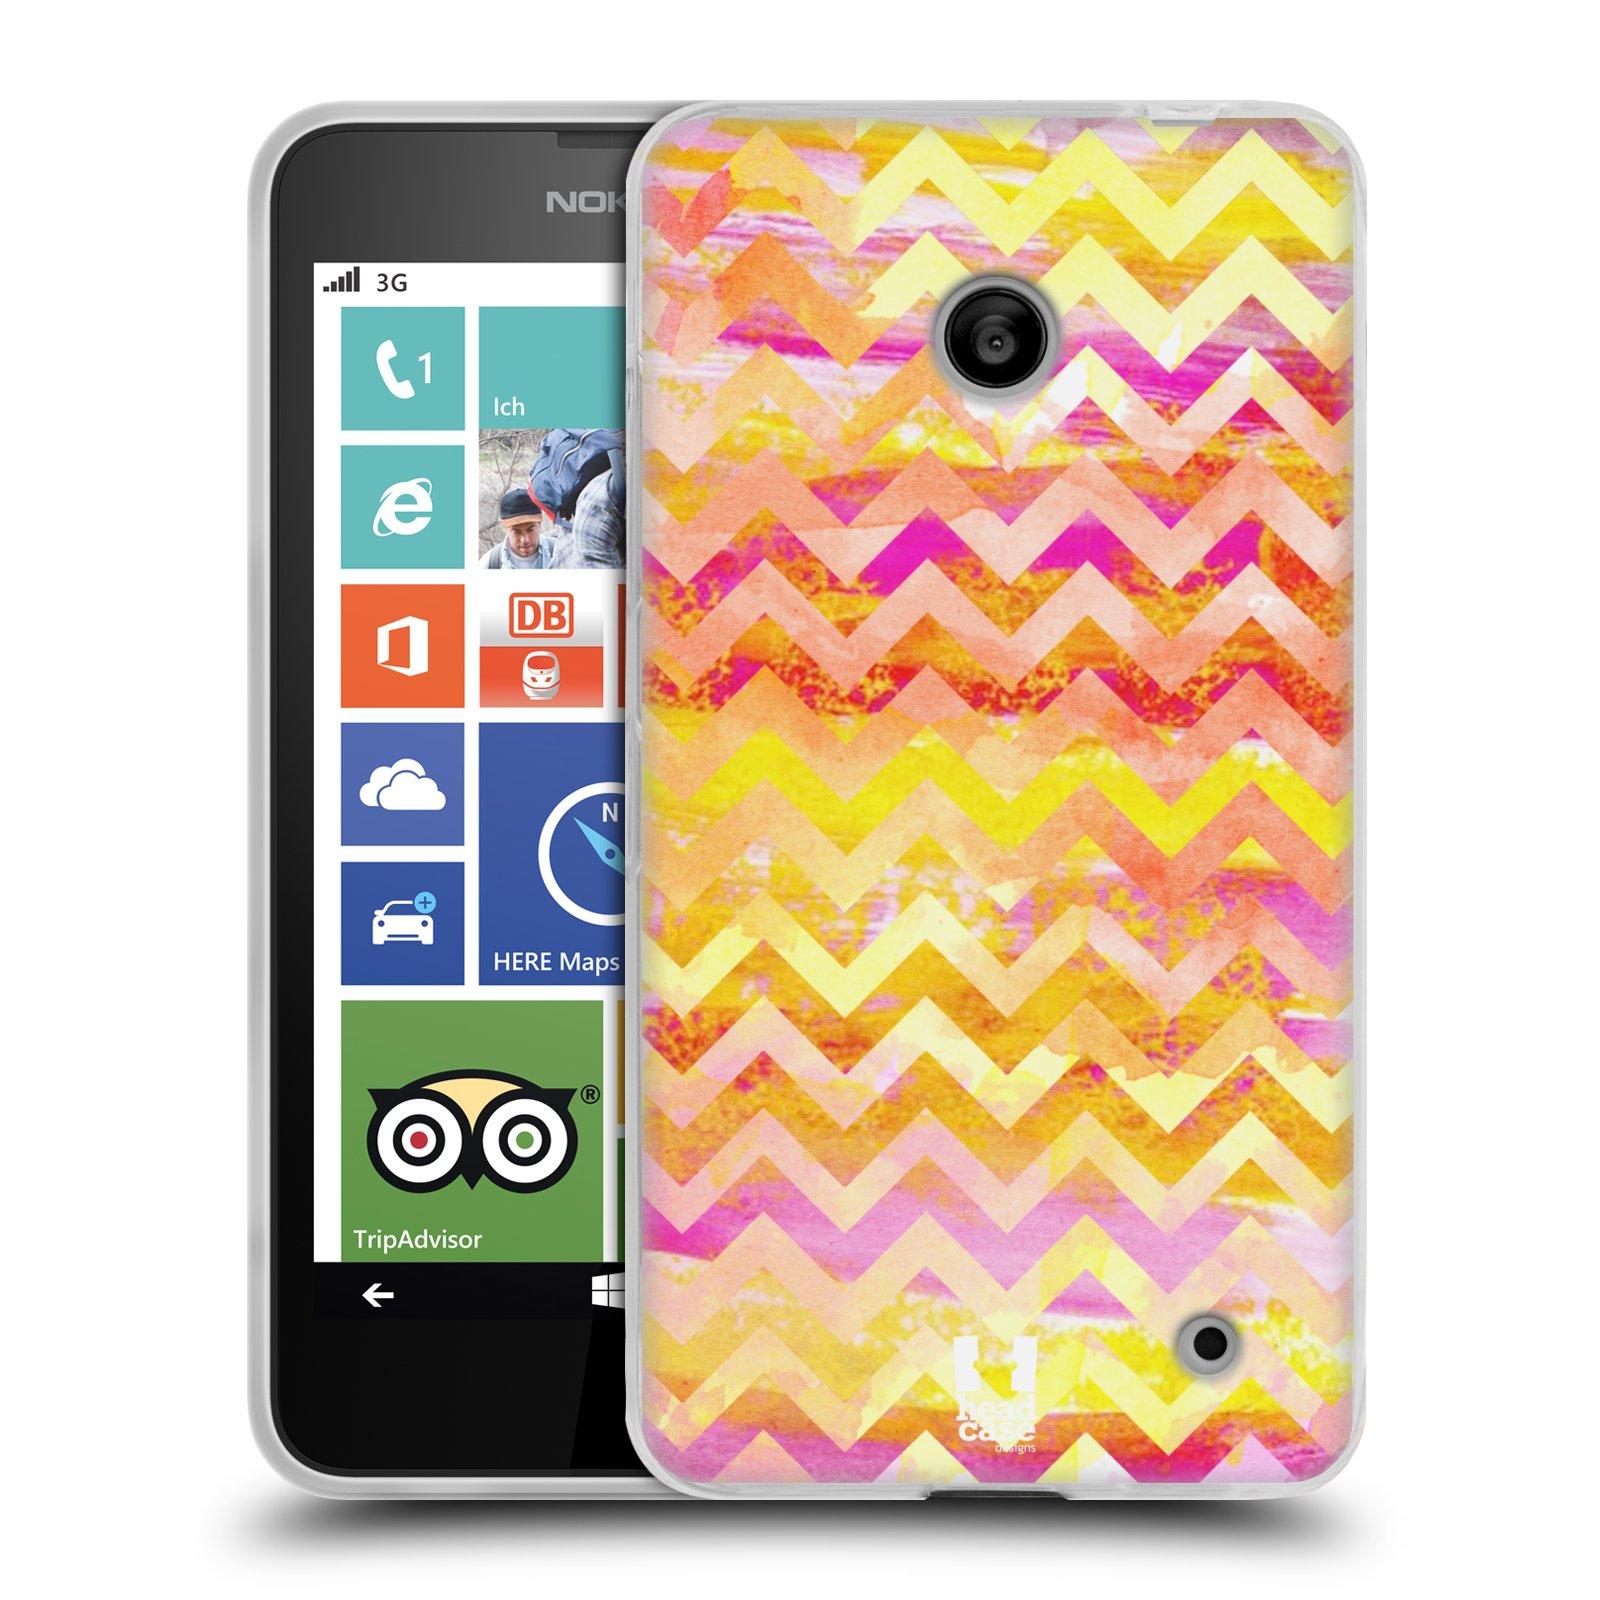 Silikonové pouzdro na mobil Nokia Lumia 630 HEAD CASE Yellow Chevron (Silikonový kryt či obal na mobilní telefon Nokia Lumia 630 a Nokia Lumia 630 Dual SIM)